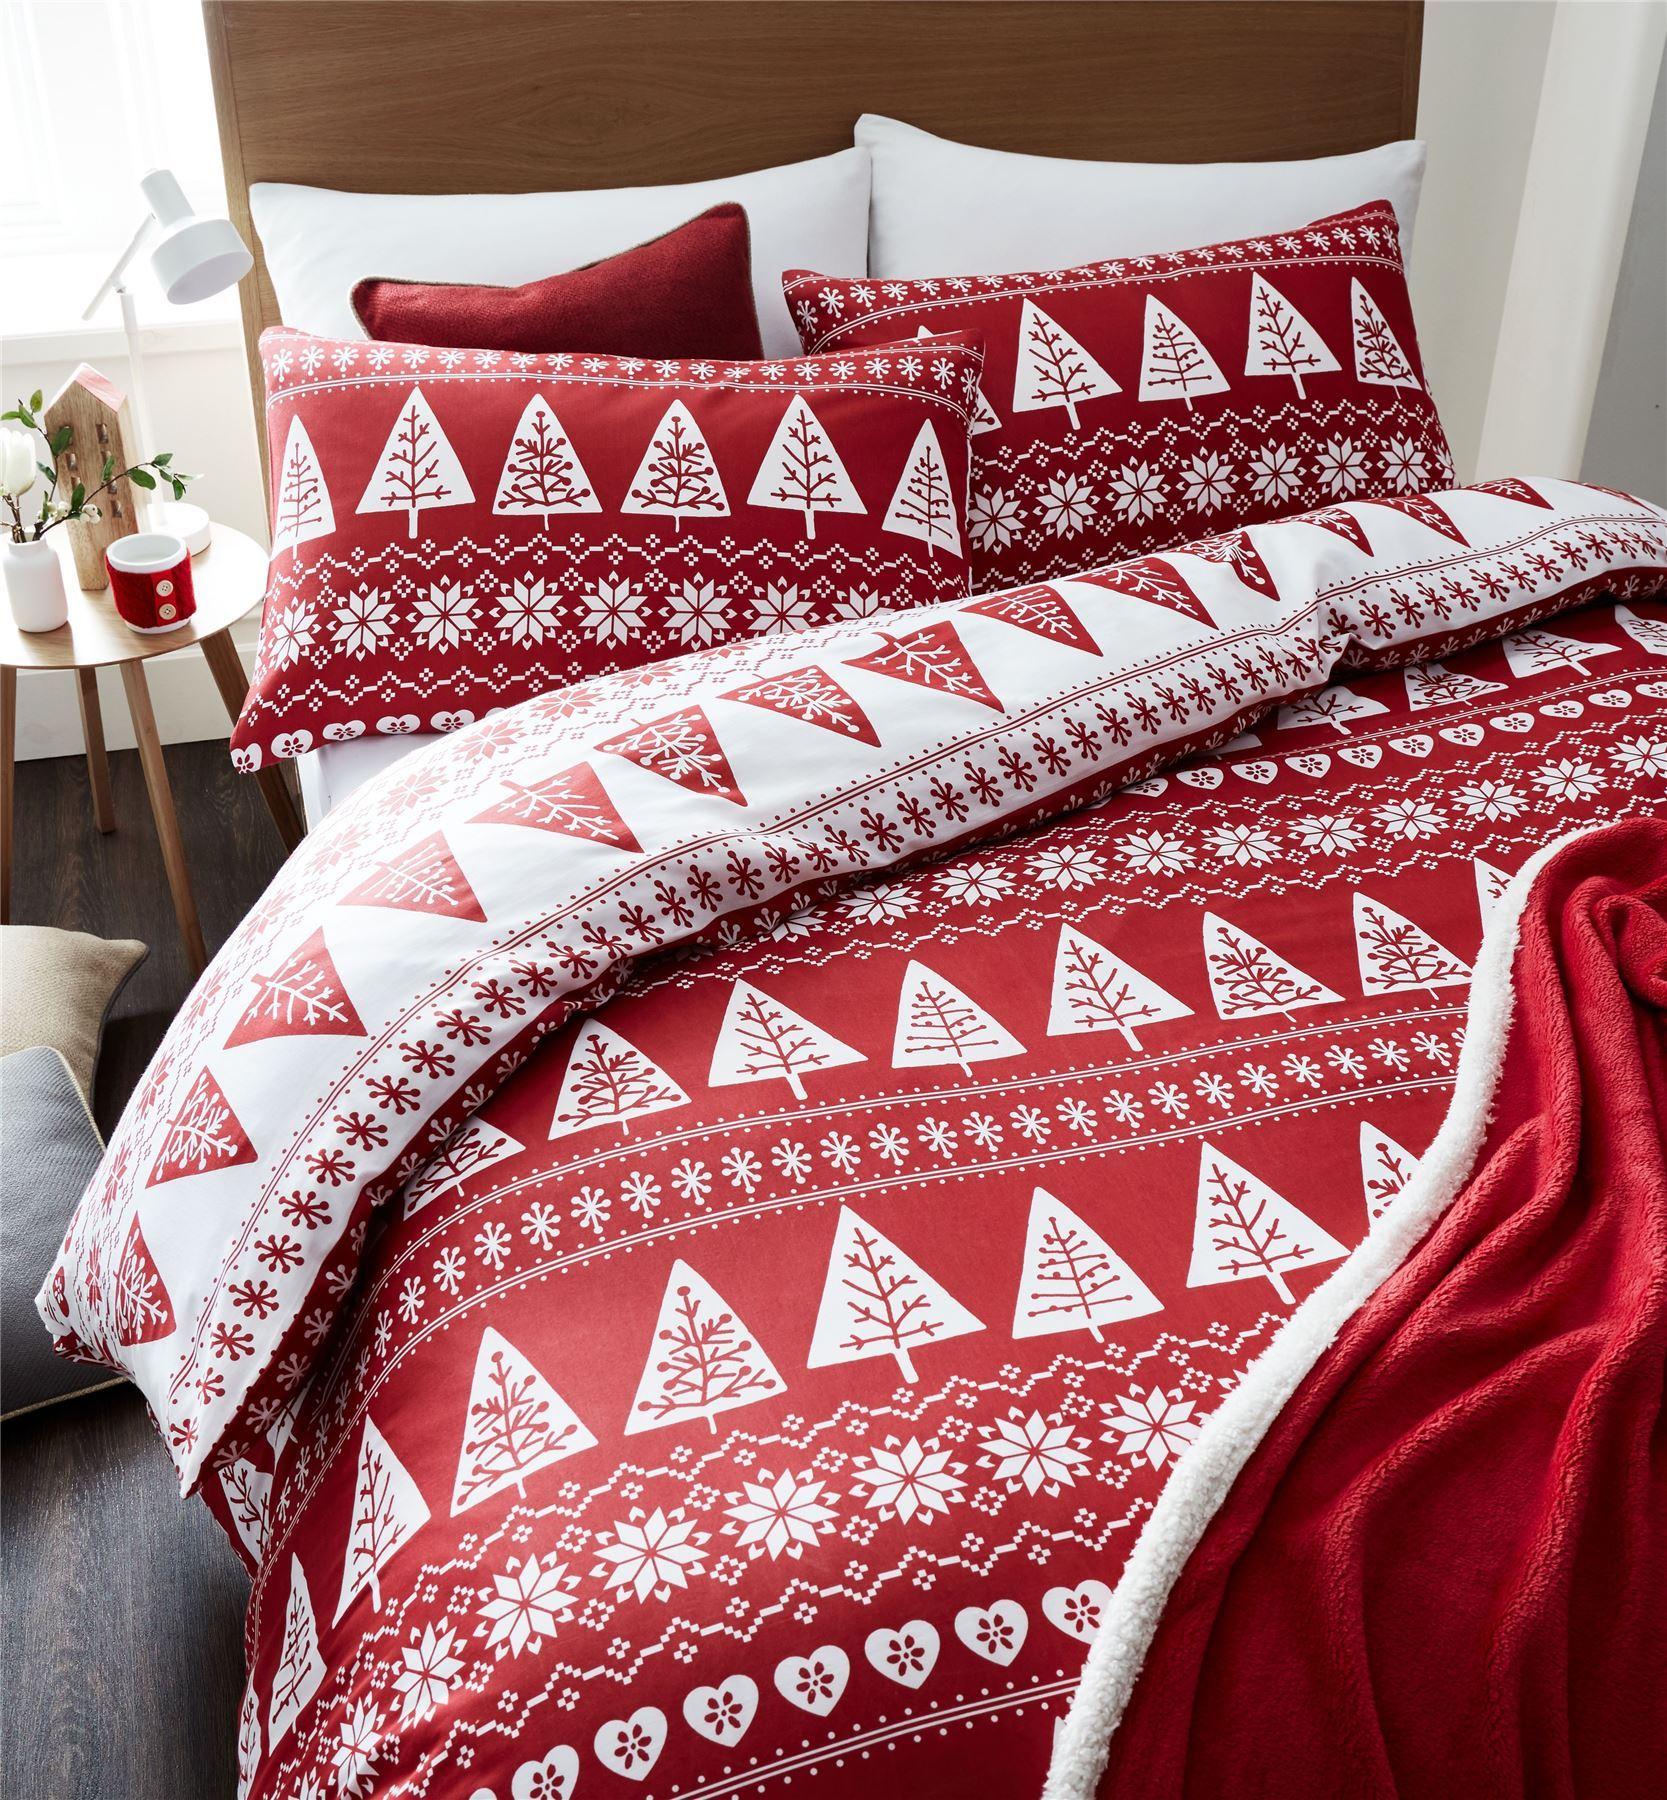 Nordic Trees Duvet Quilt Cover Set Festive Bedding Red